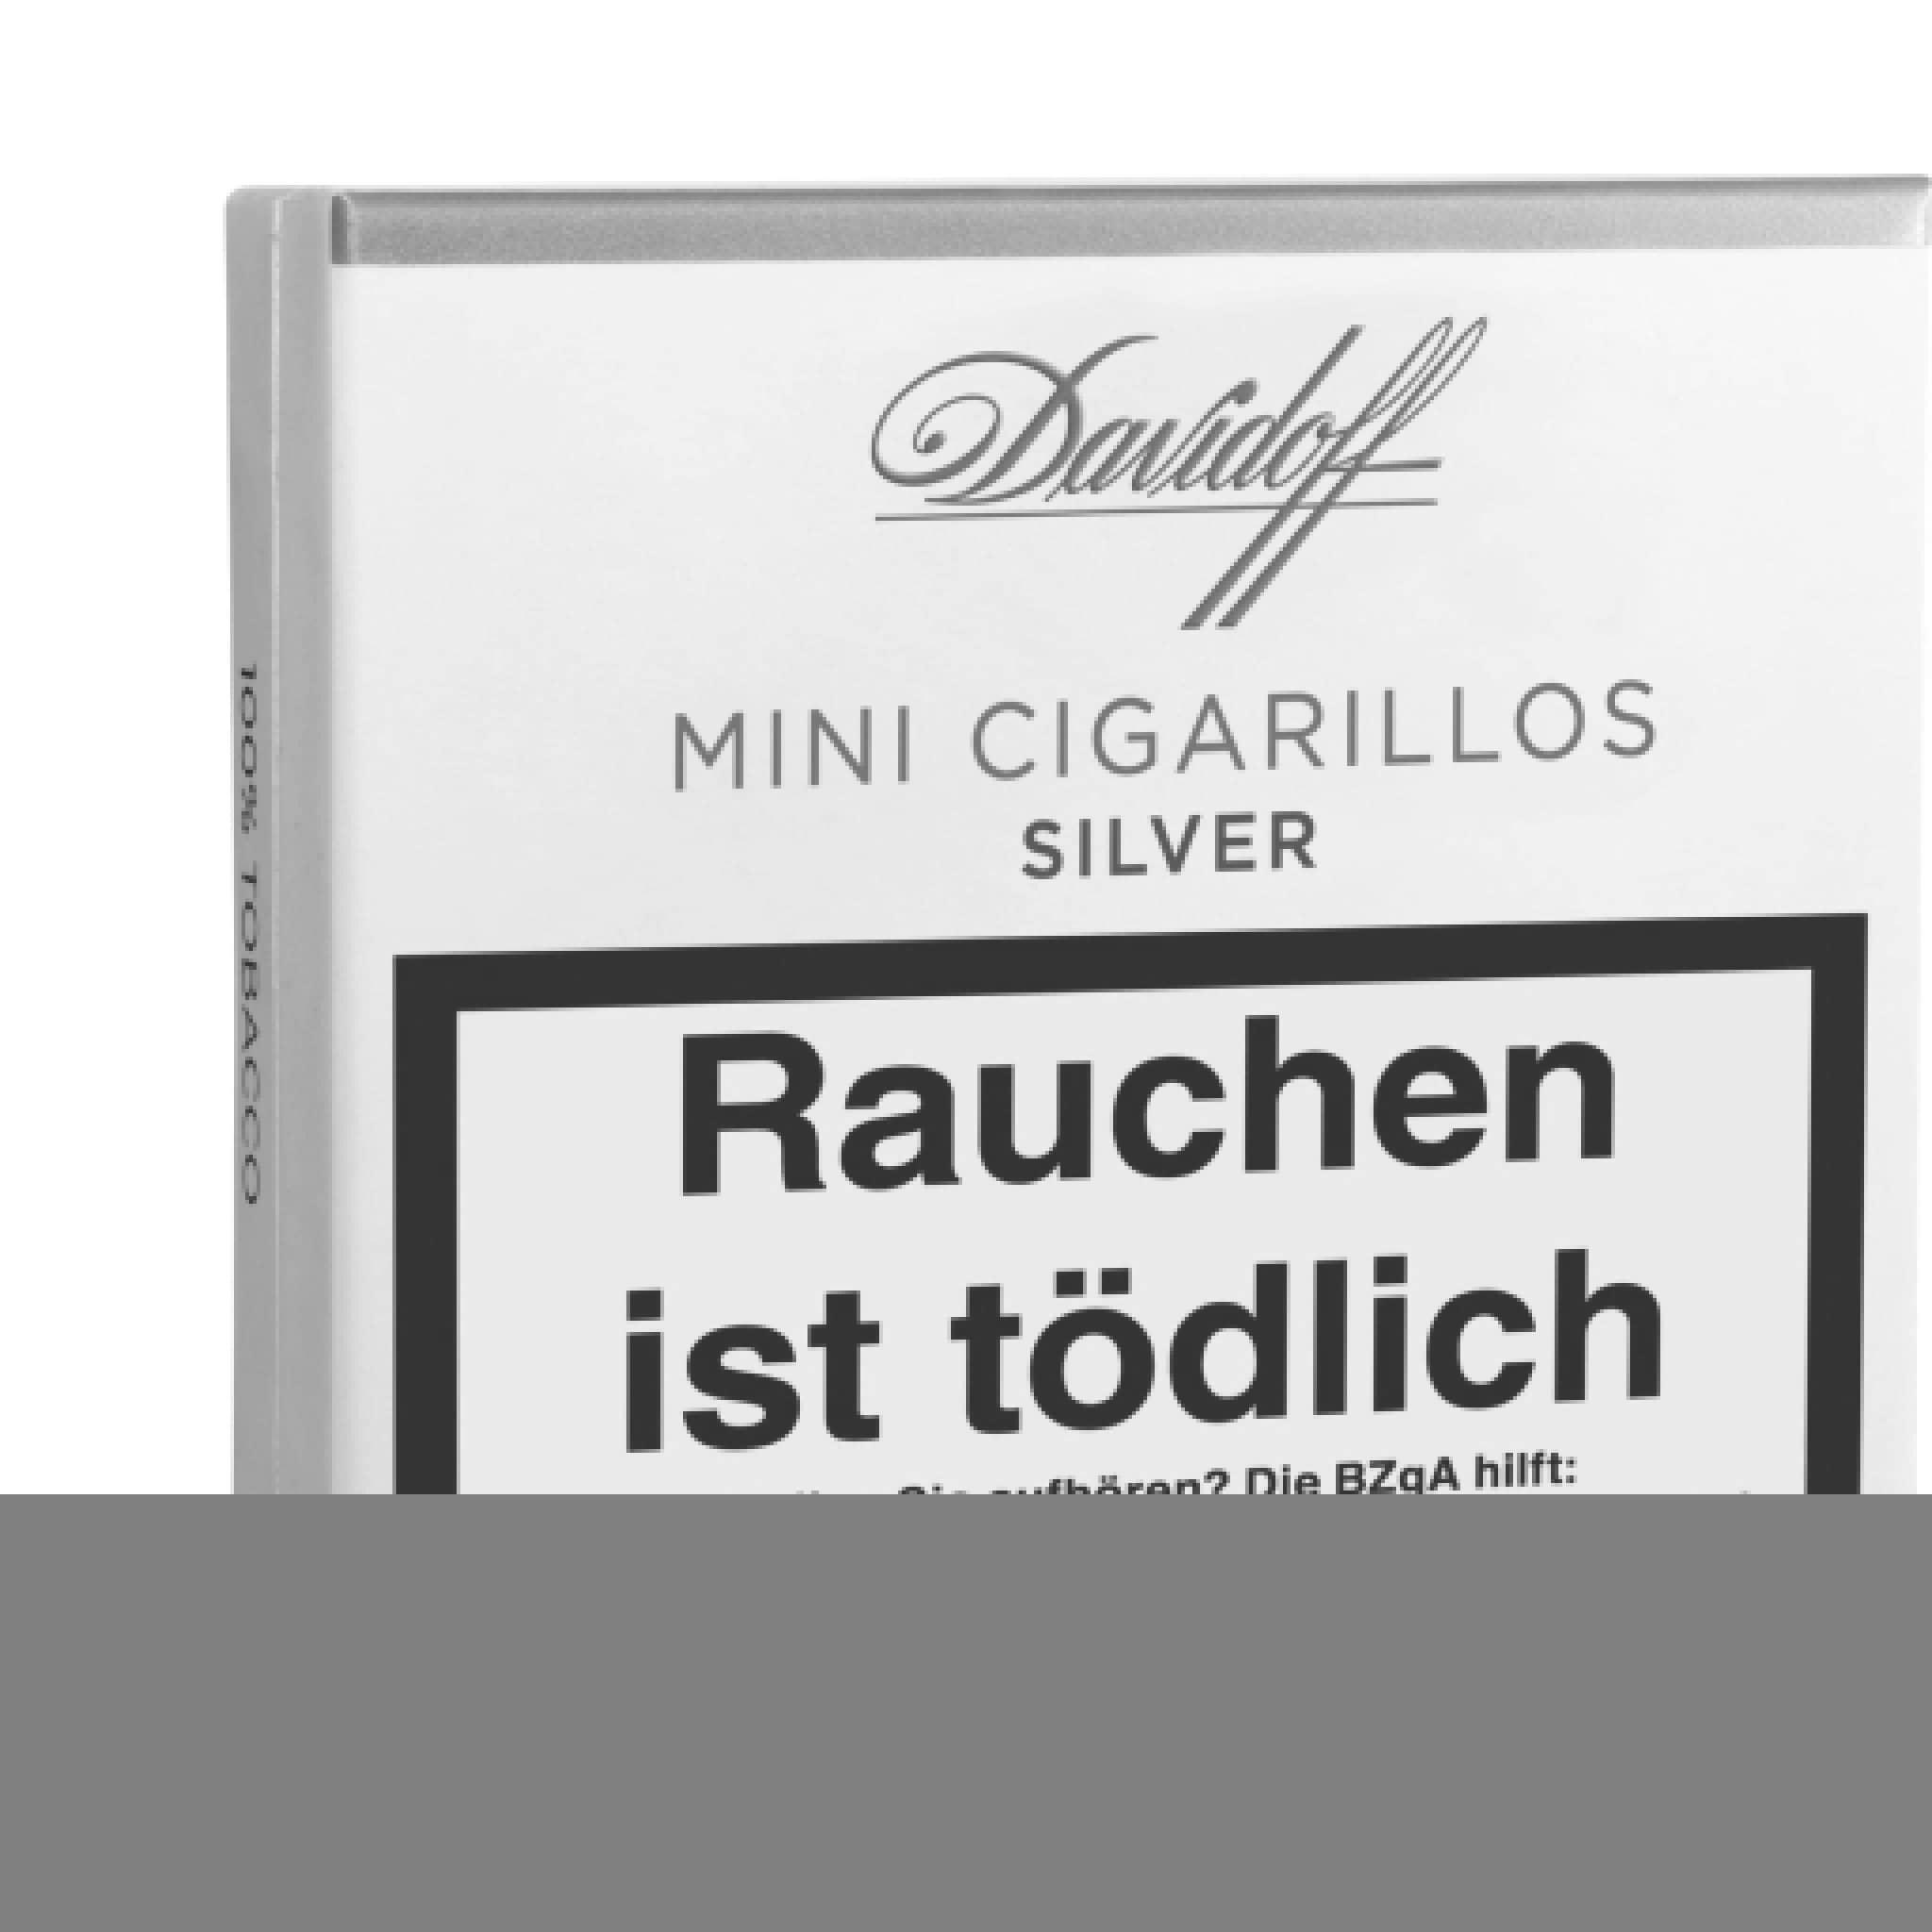 Davidoff Mini Cigarillos Silver 20er Packung